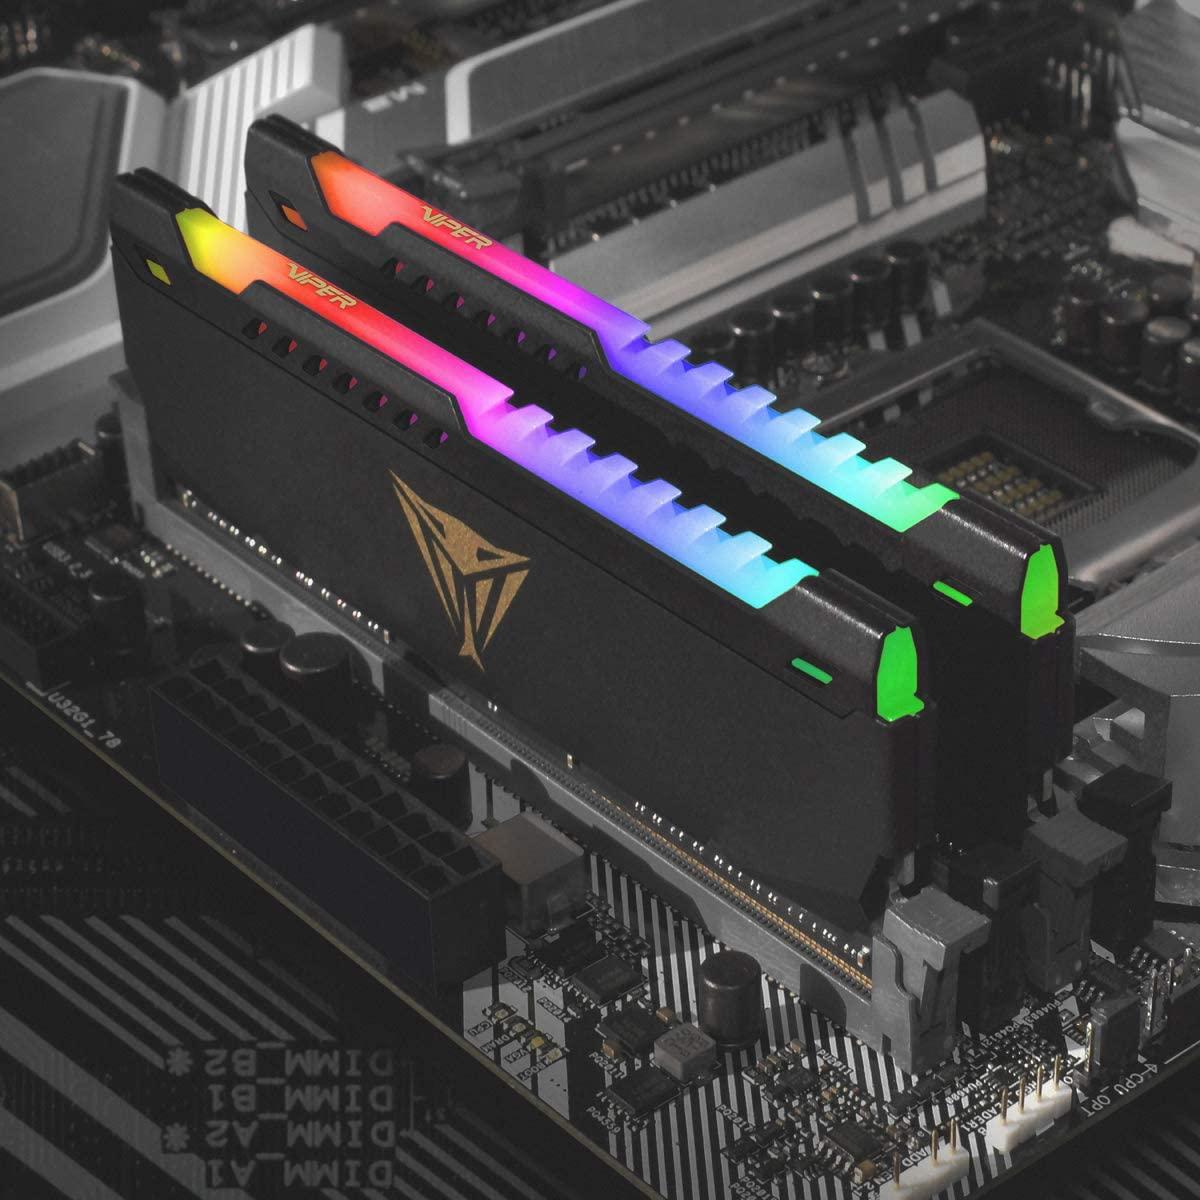 MEMÓRIA VIPER STEEL RGB 16GB DDR4 3200MHZ PVSR416G320C8 - PATRIOT